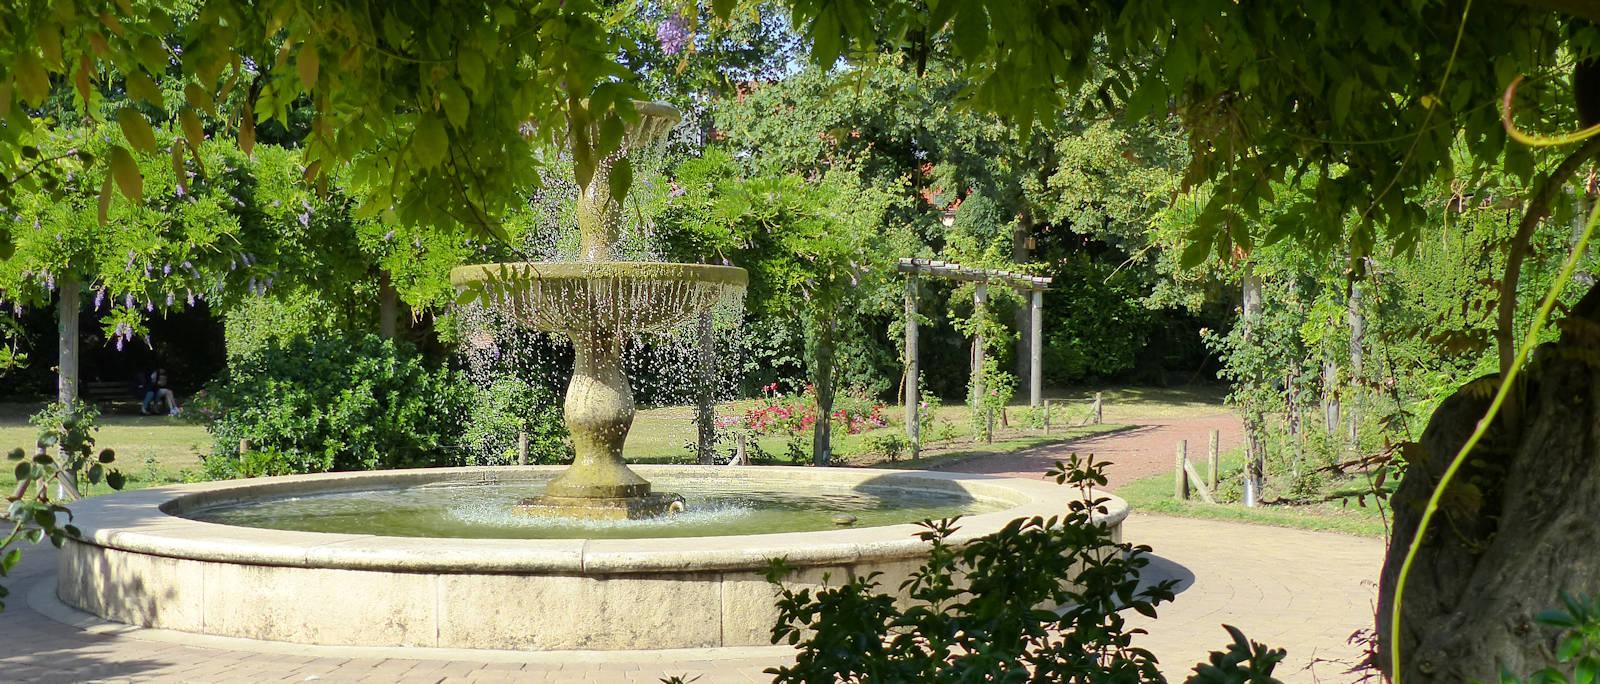 Jardin botanique, Tourcoing - Jardin à la française